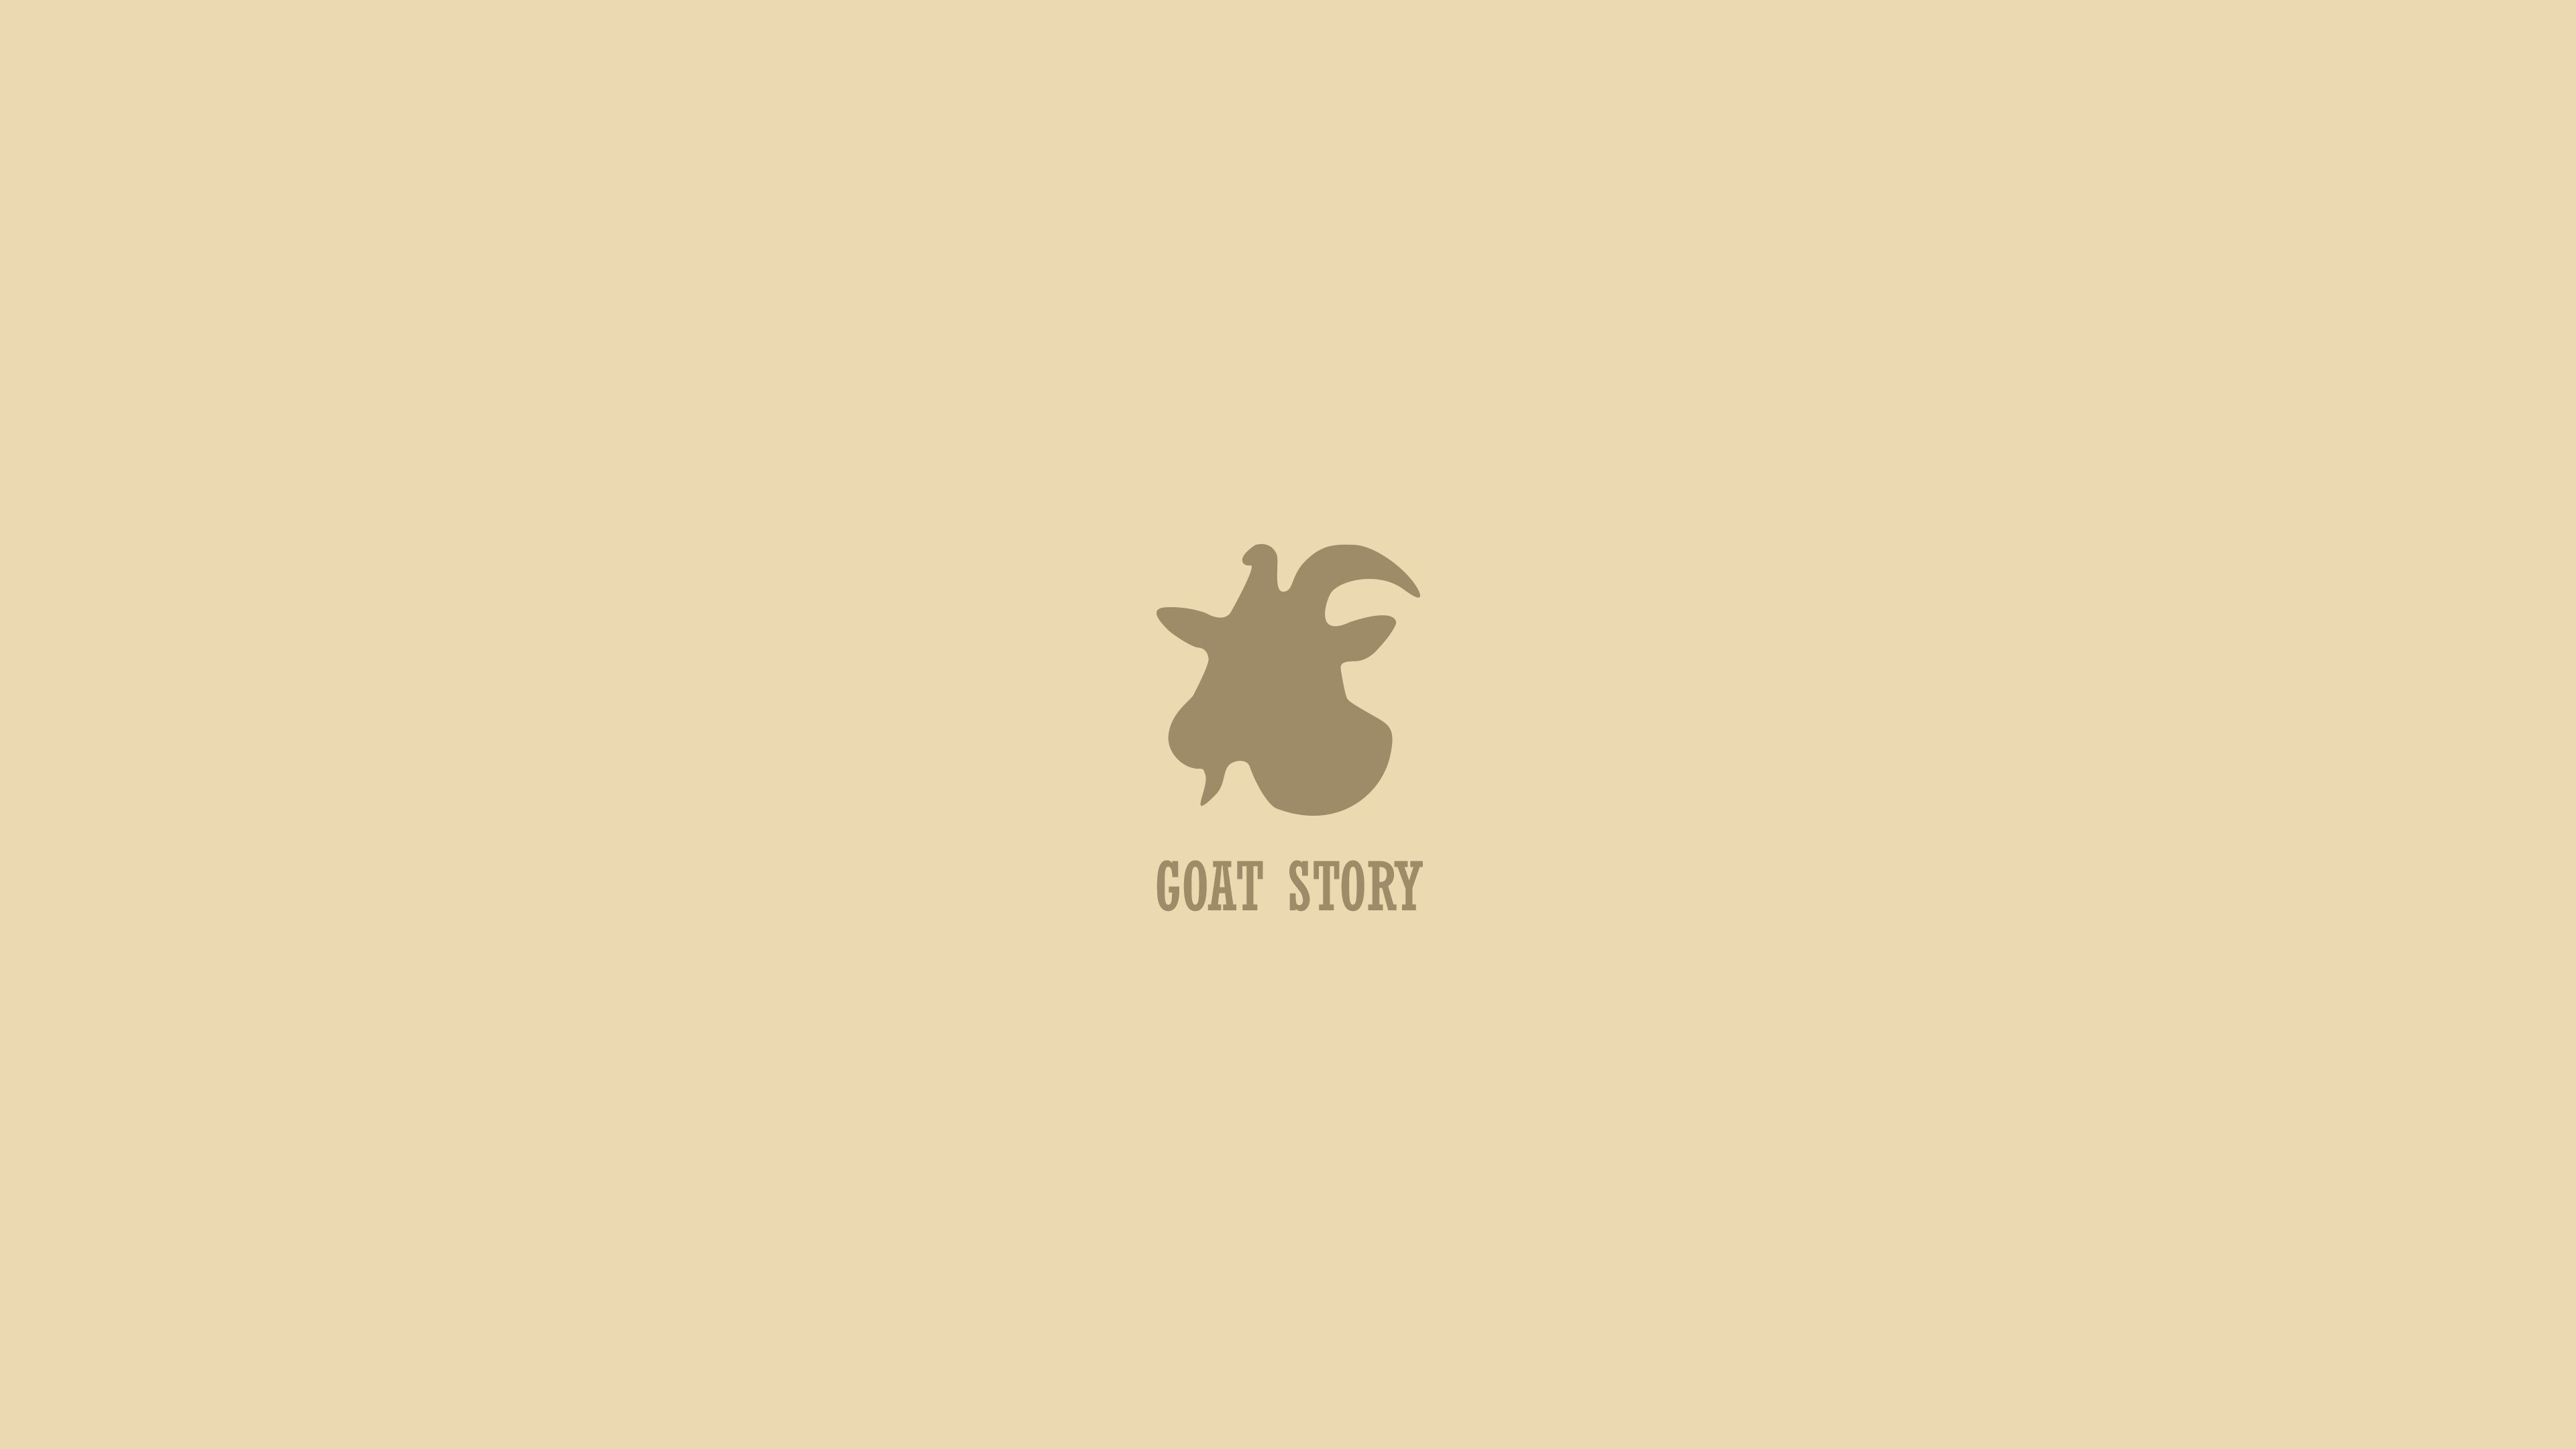 goats, Logo, Mugs, Goat Story, Minimalism, Simple Wallpaper